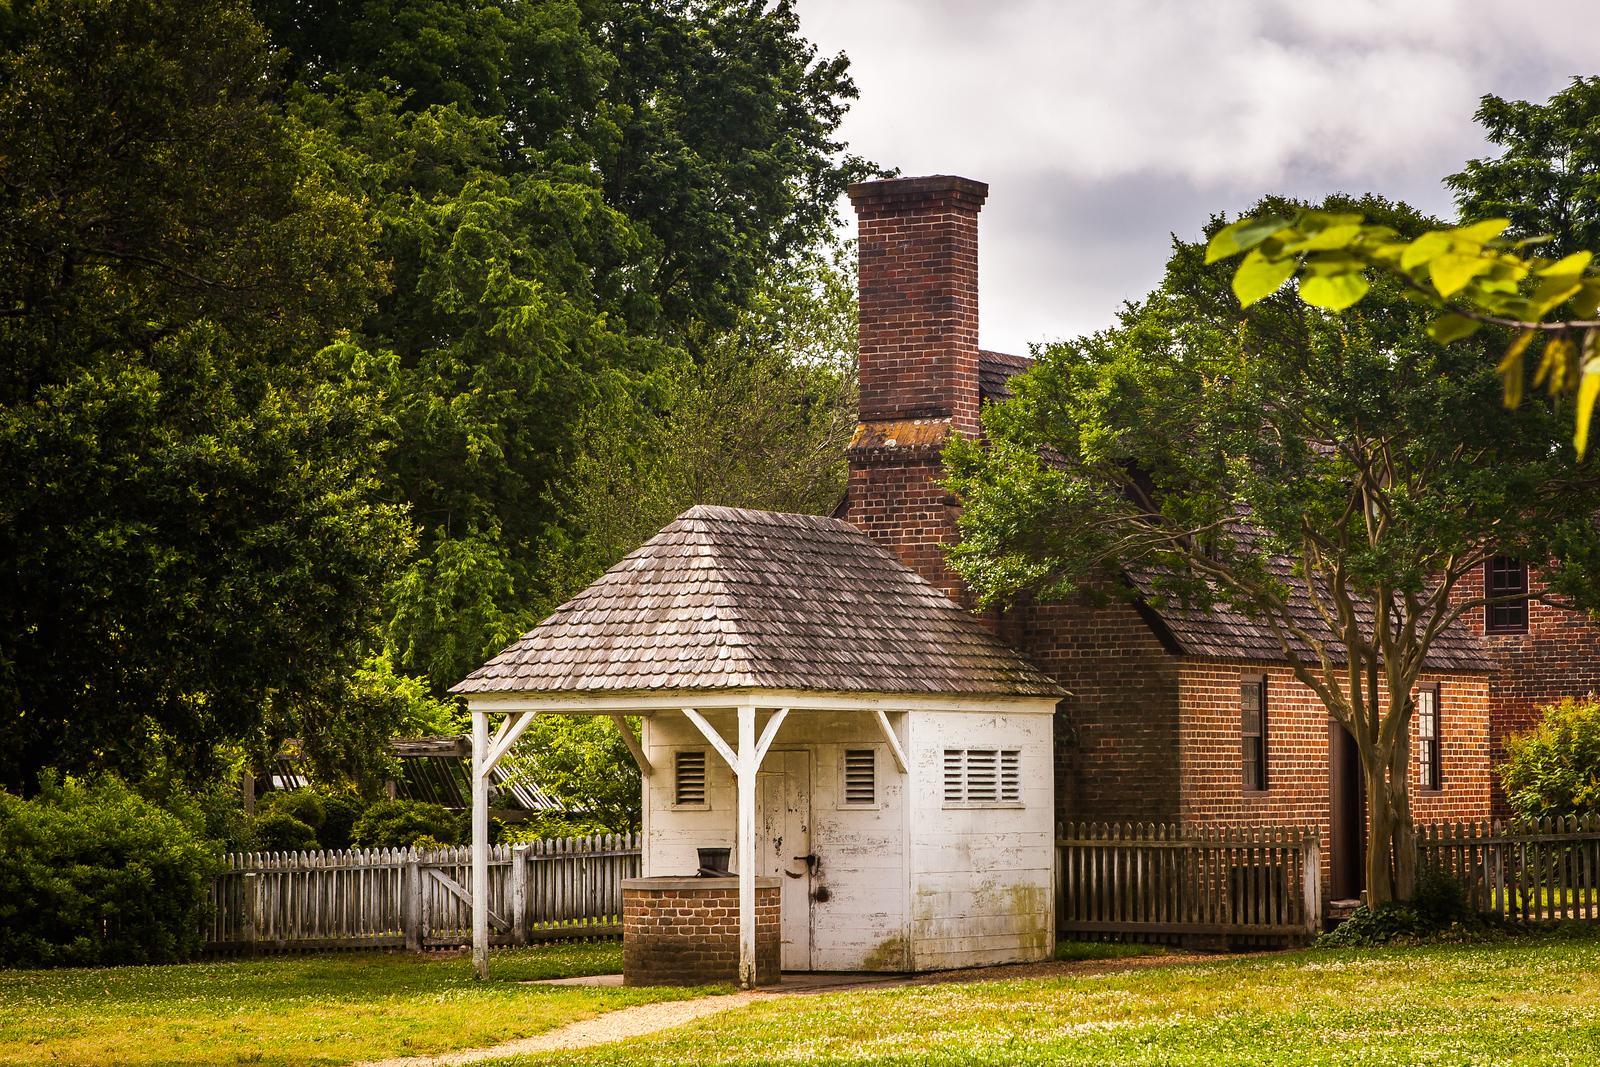 威廉斯堡保护区,还原历史